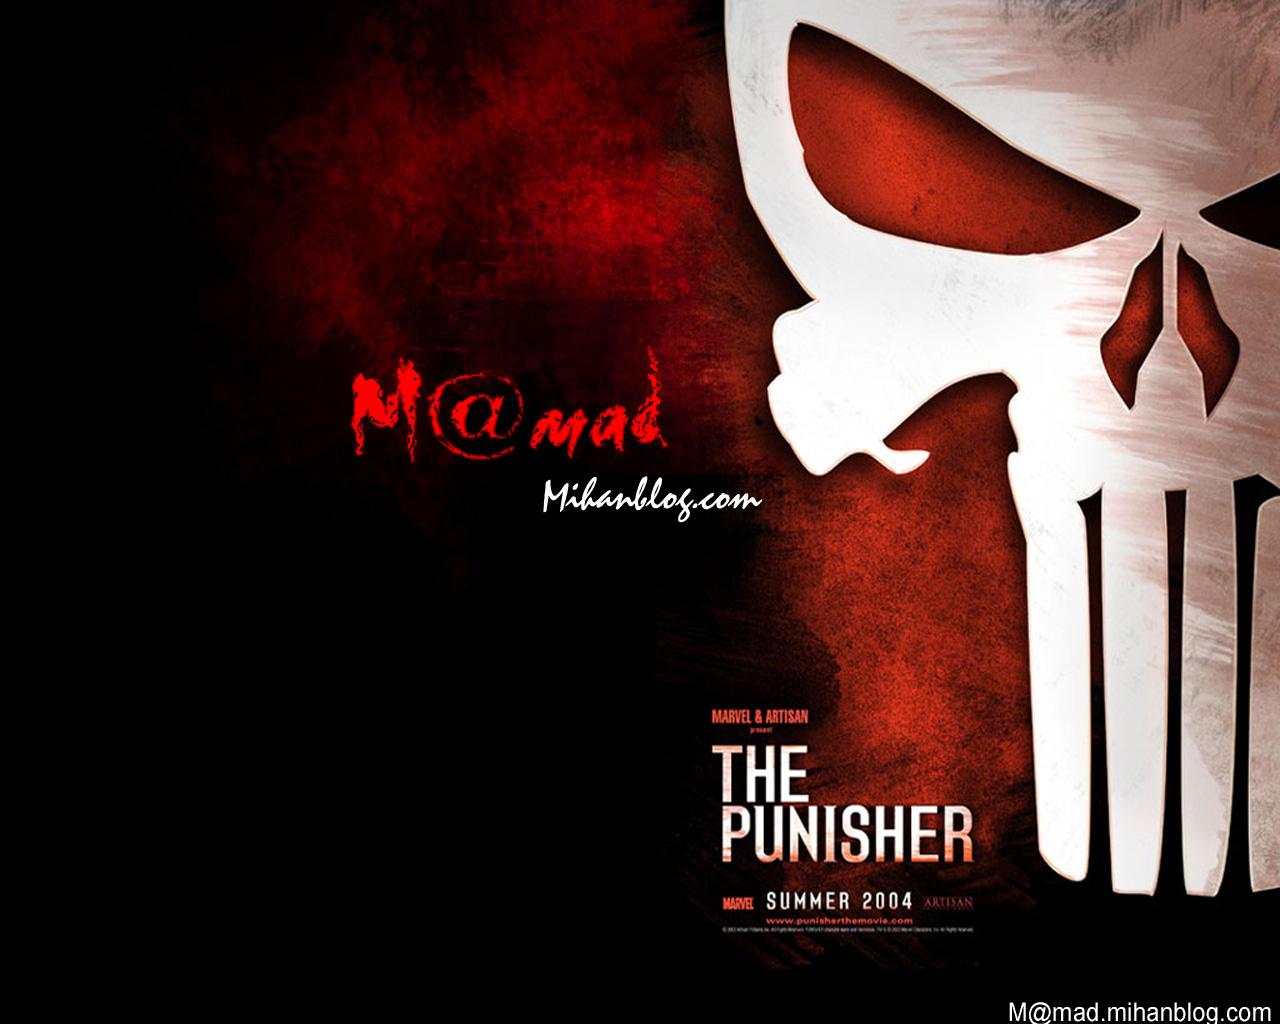 M@mad.mihanblog.com